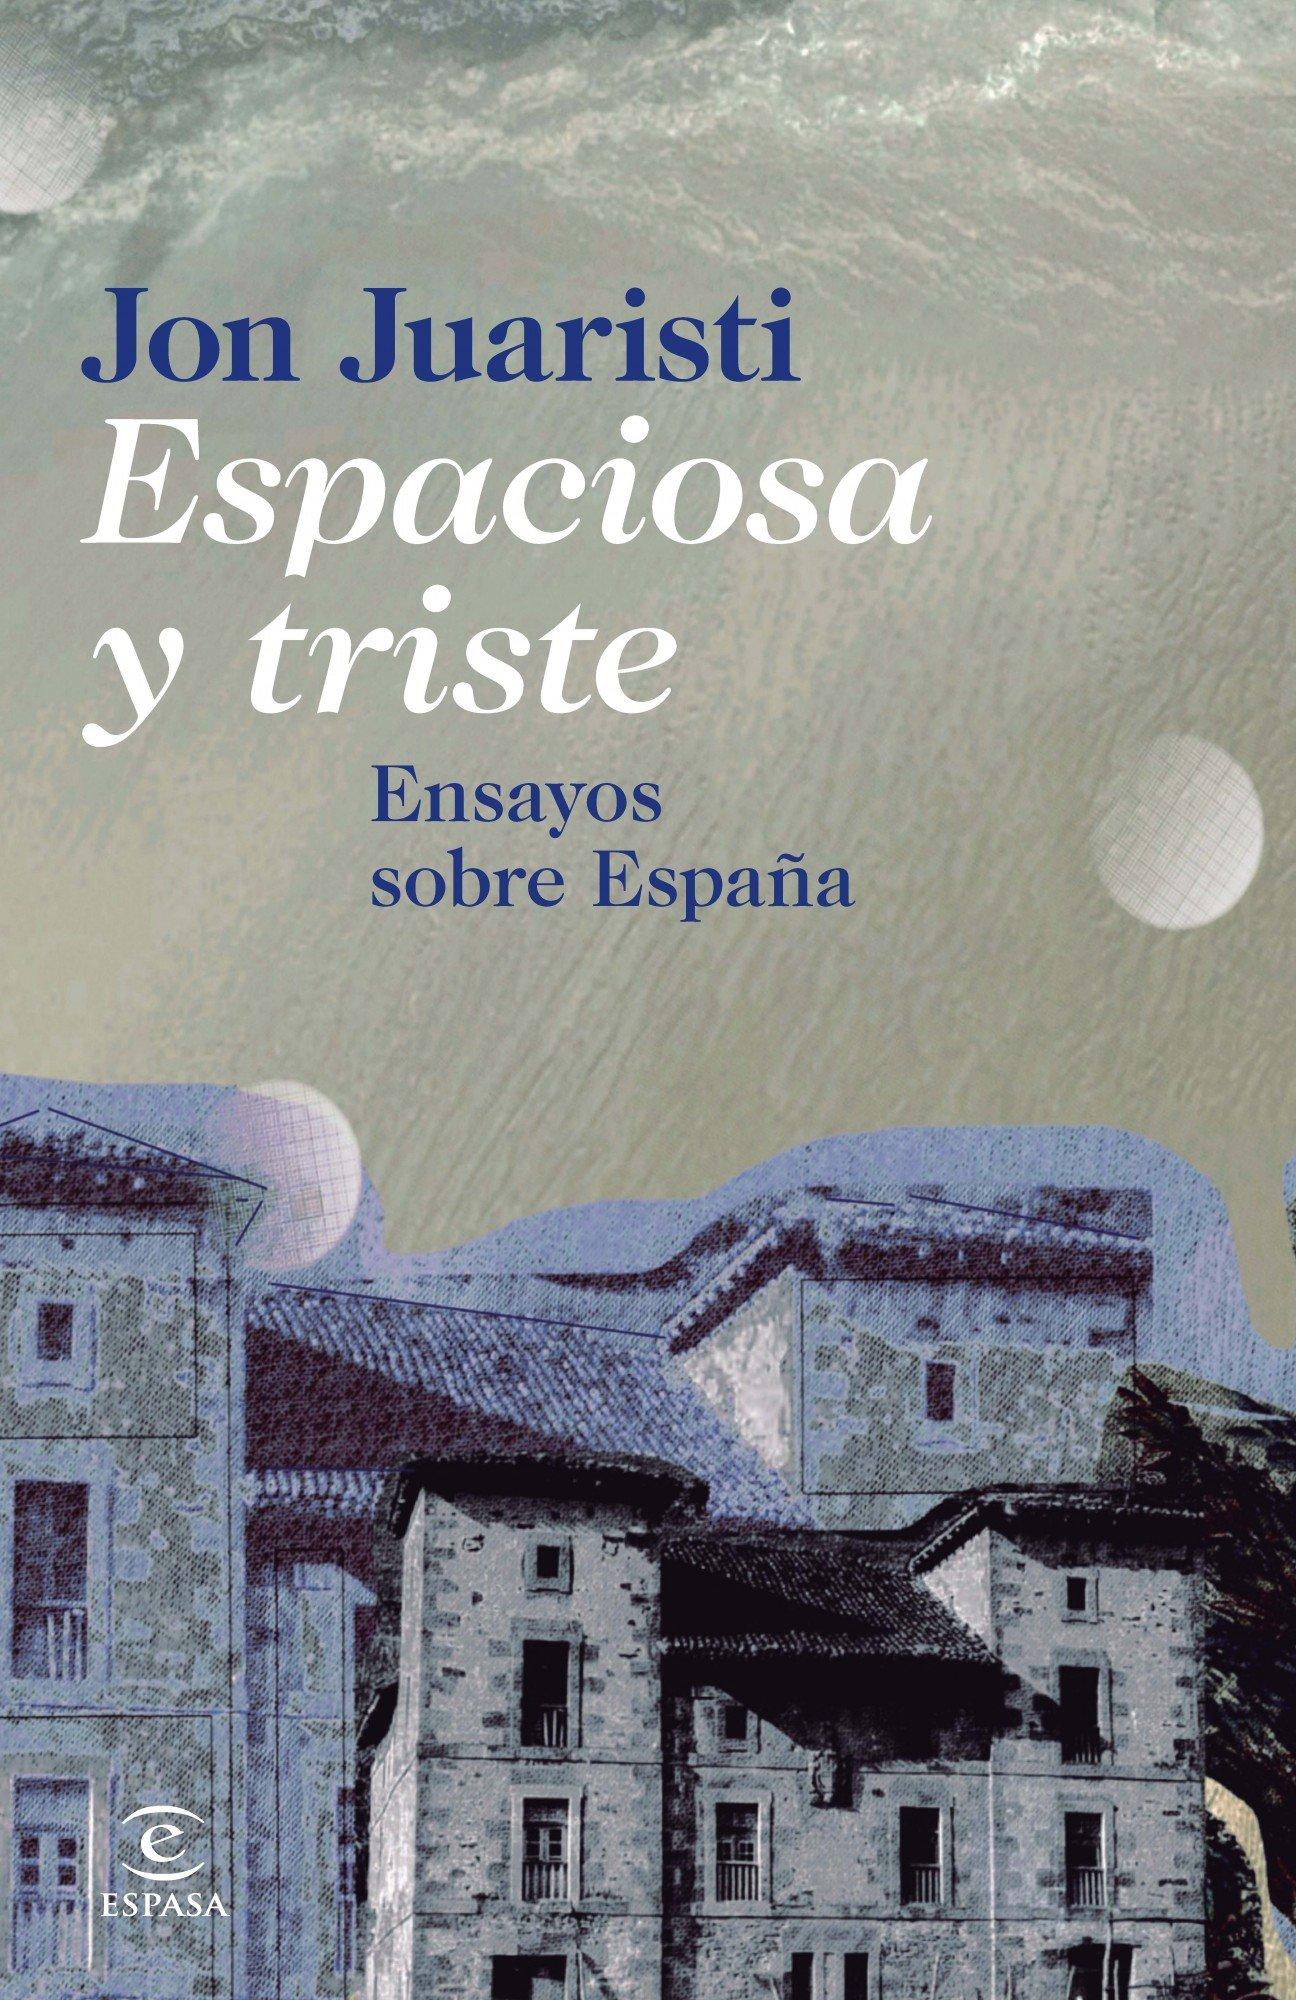 Espaciosa y triste: Ensayos sobre España F. COLECCION: Amazon.es: Juaristi, Jon: Libros